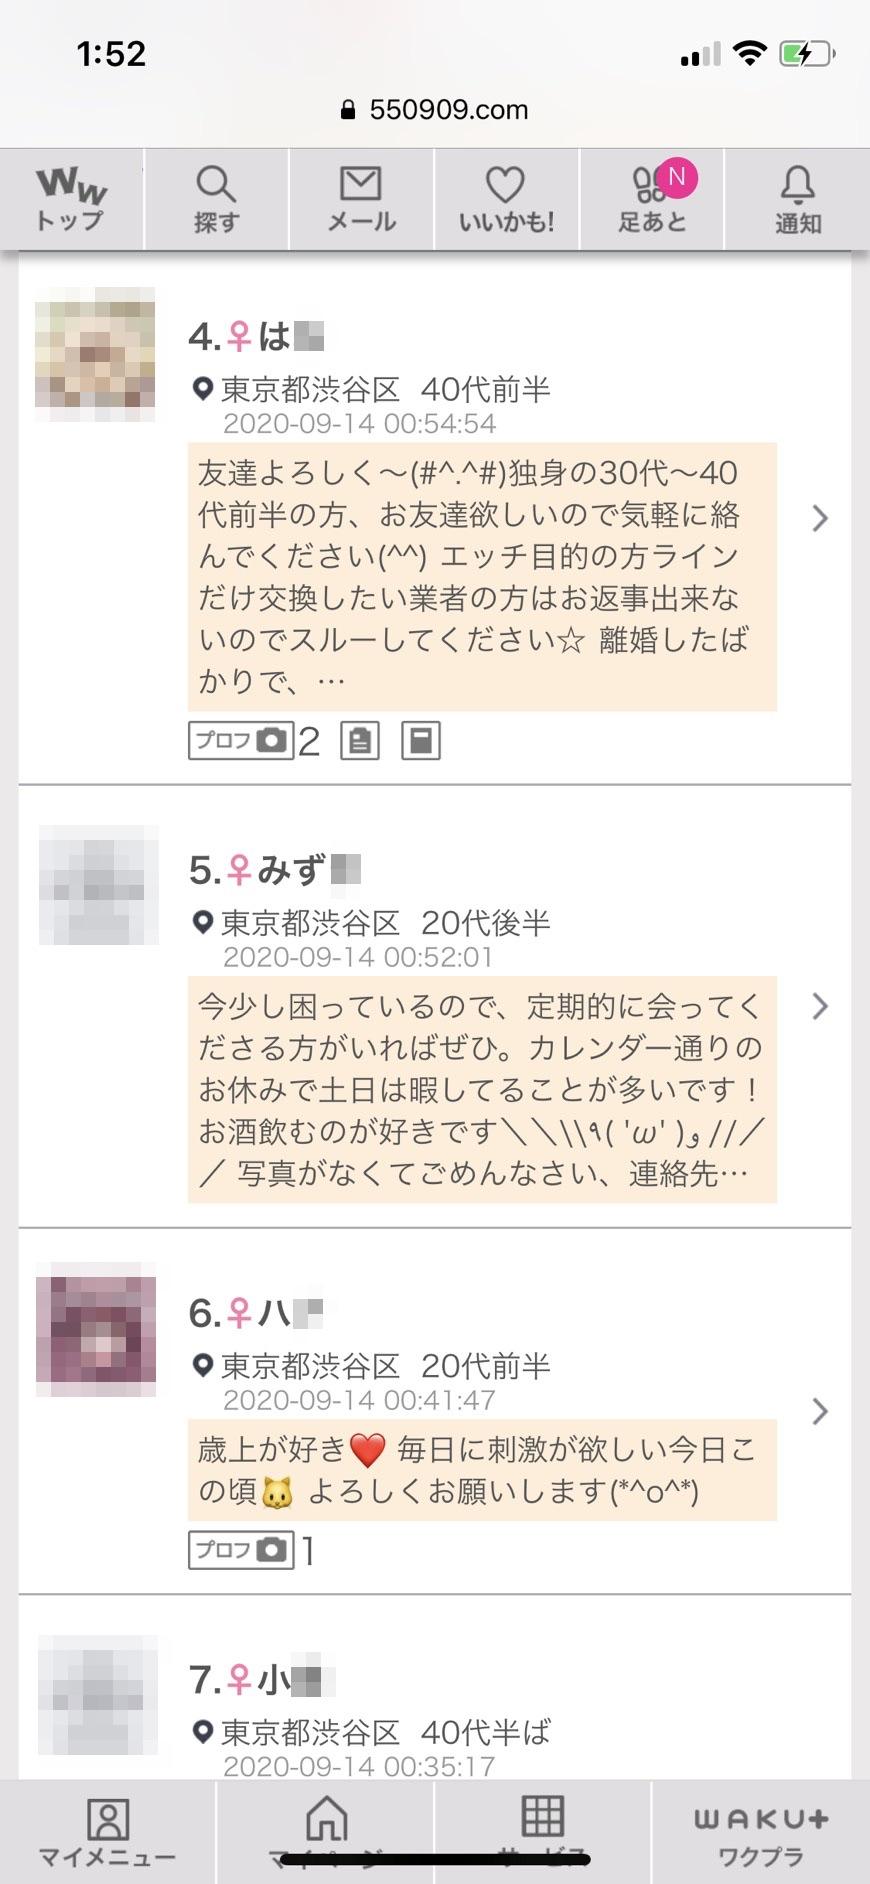 渋谷・割り切り出会い掲示板(ワクワクメール)